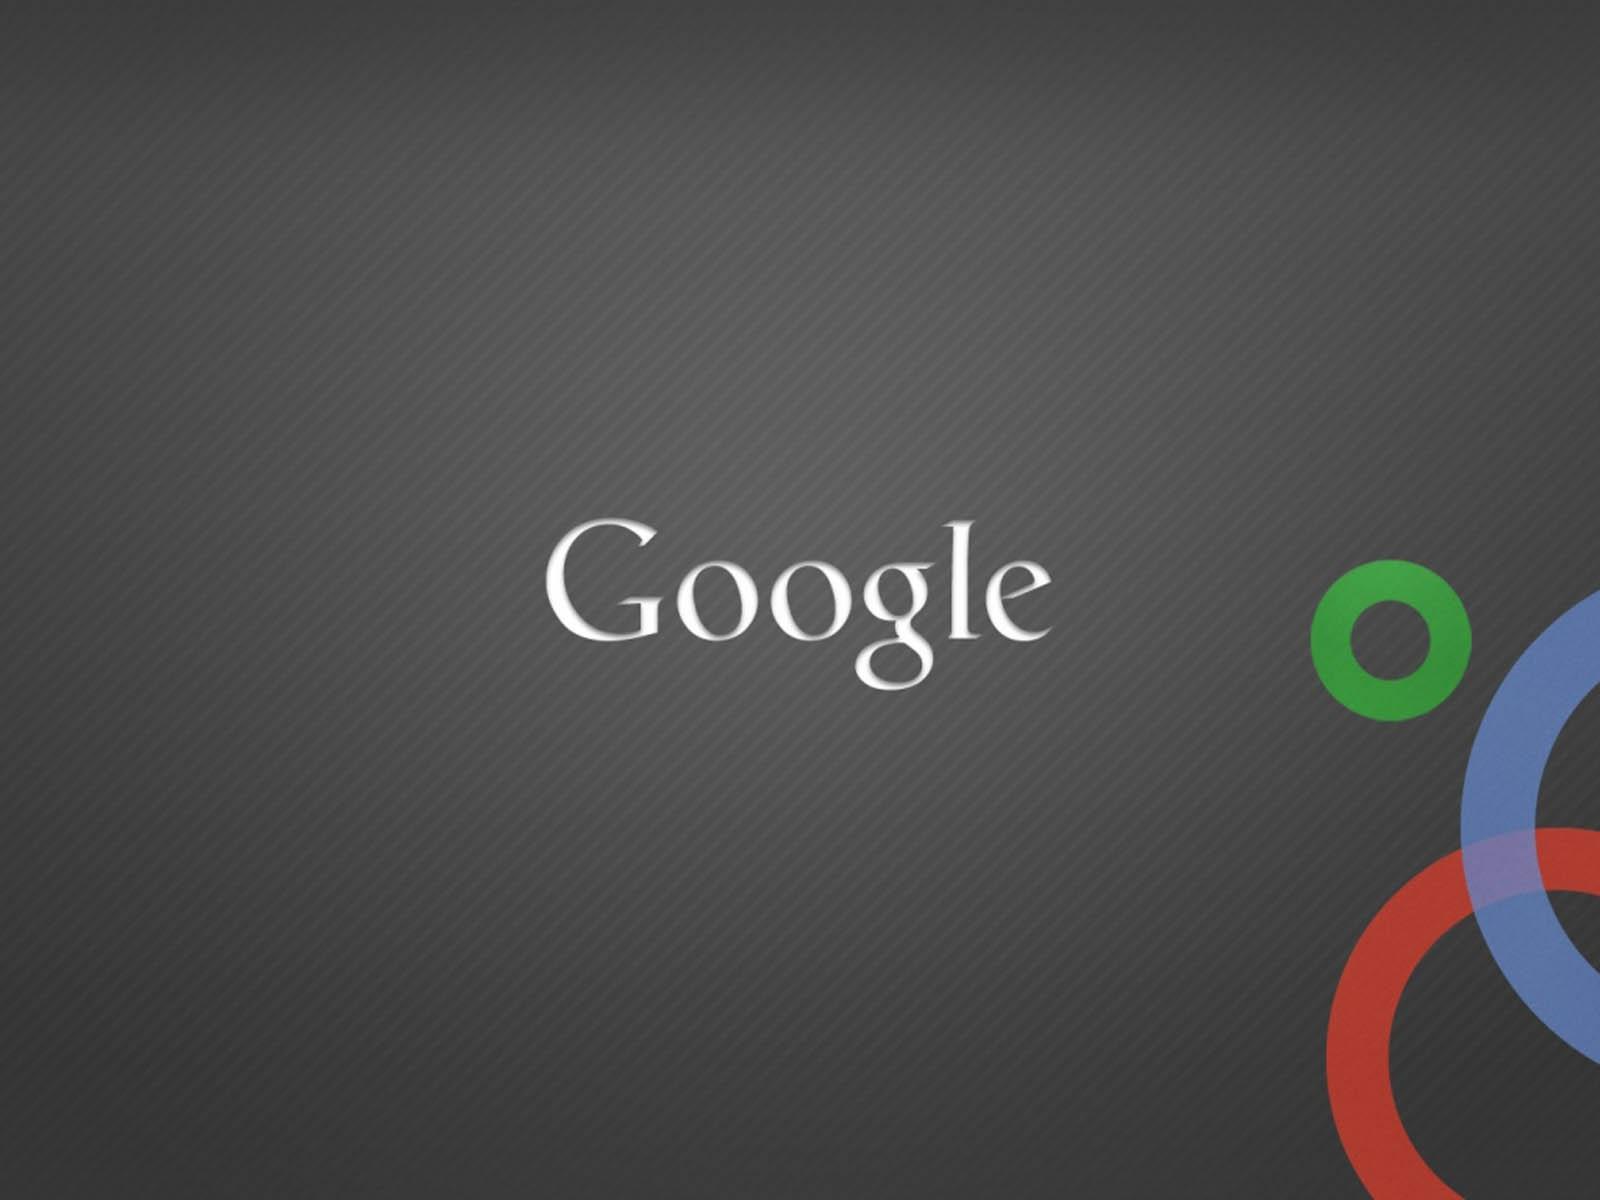 Fantastic Google Wallpaper